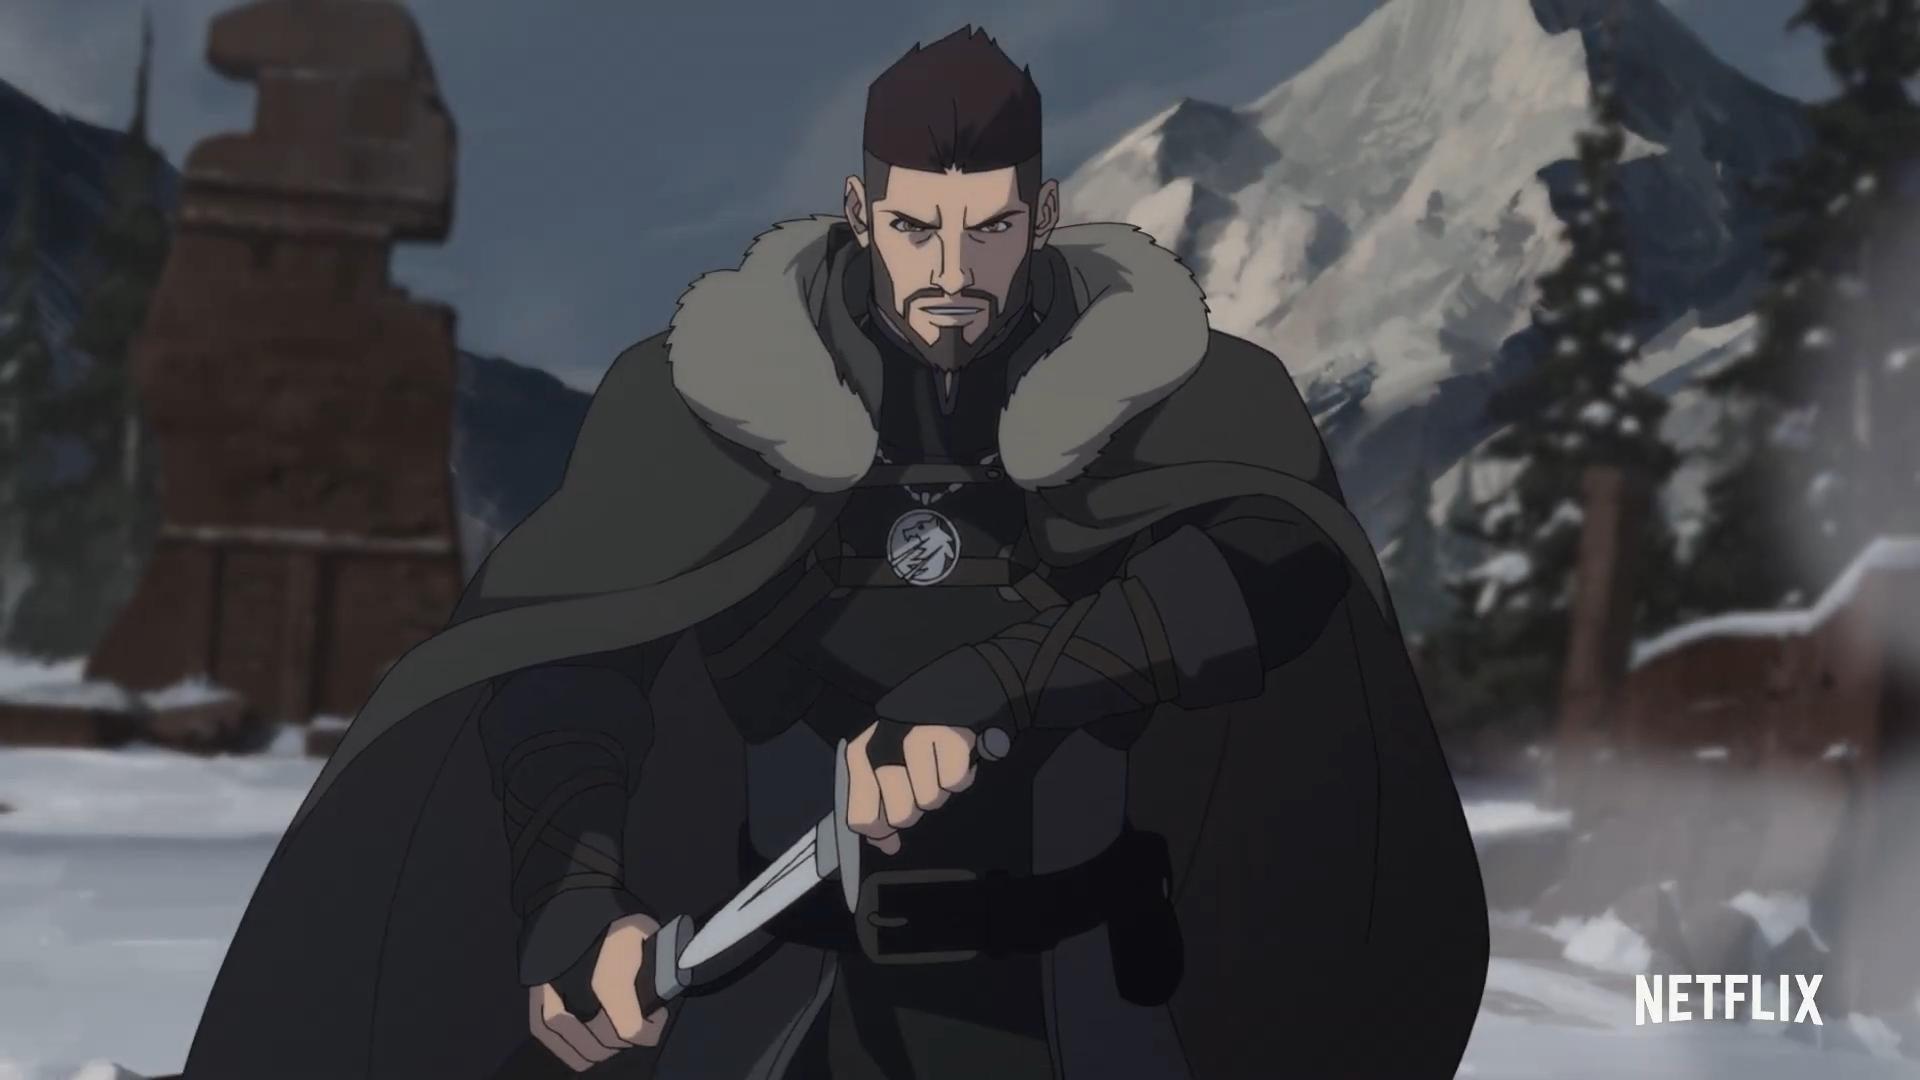 Découvrez les origines d'un des personnages les plus populaires du monde de The Witcher, Vesemir